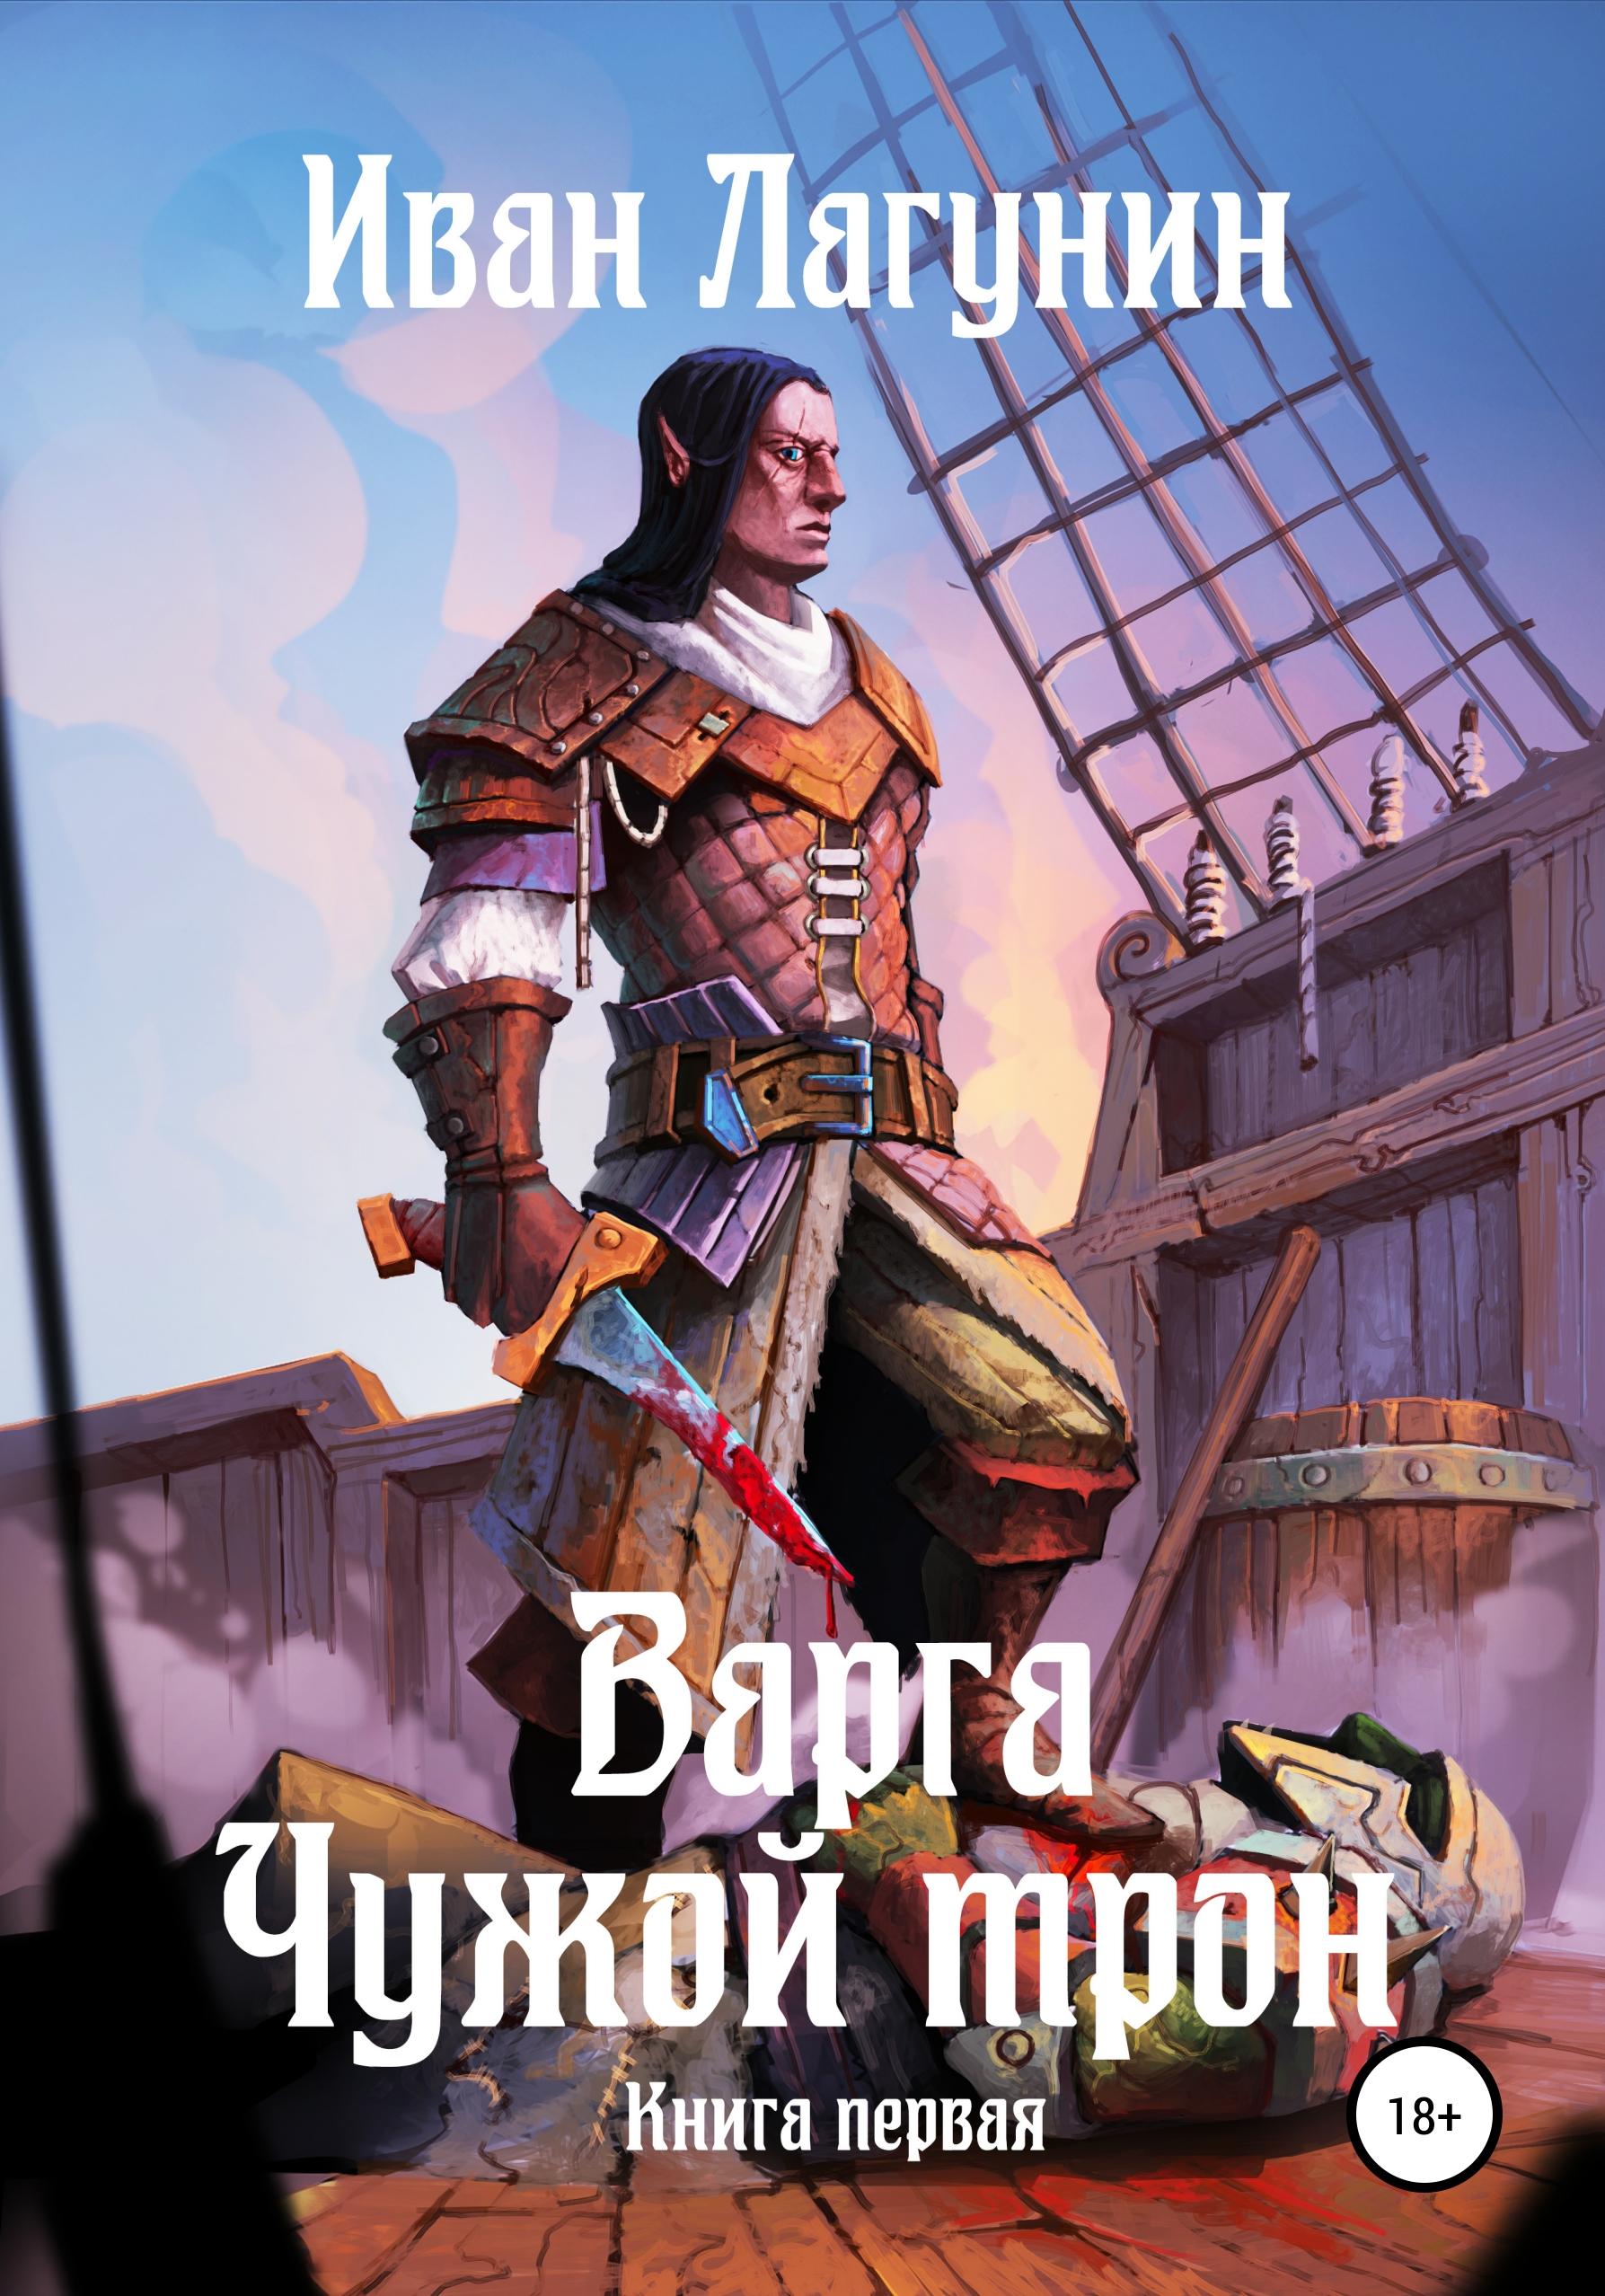 Купить книгу Варга. Чужой трон. Книга первая, автора Ивана Лагунина